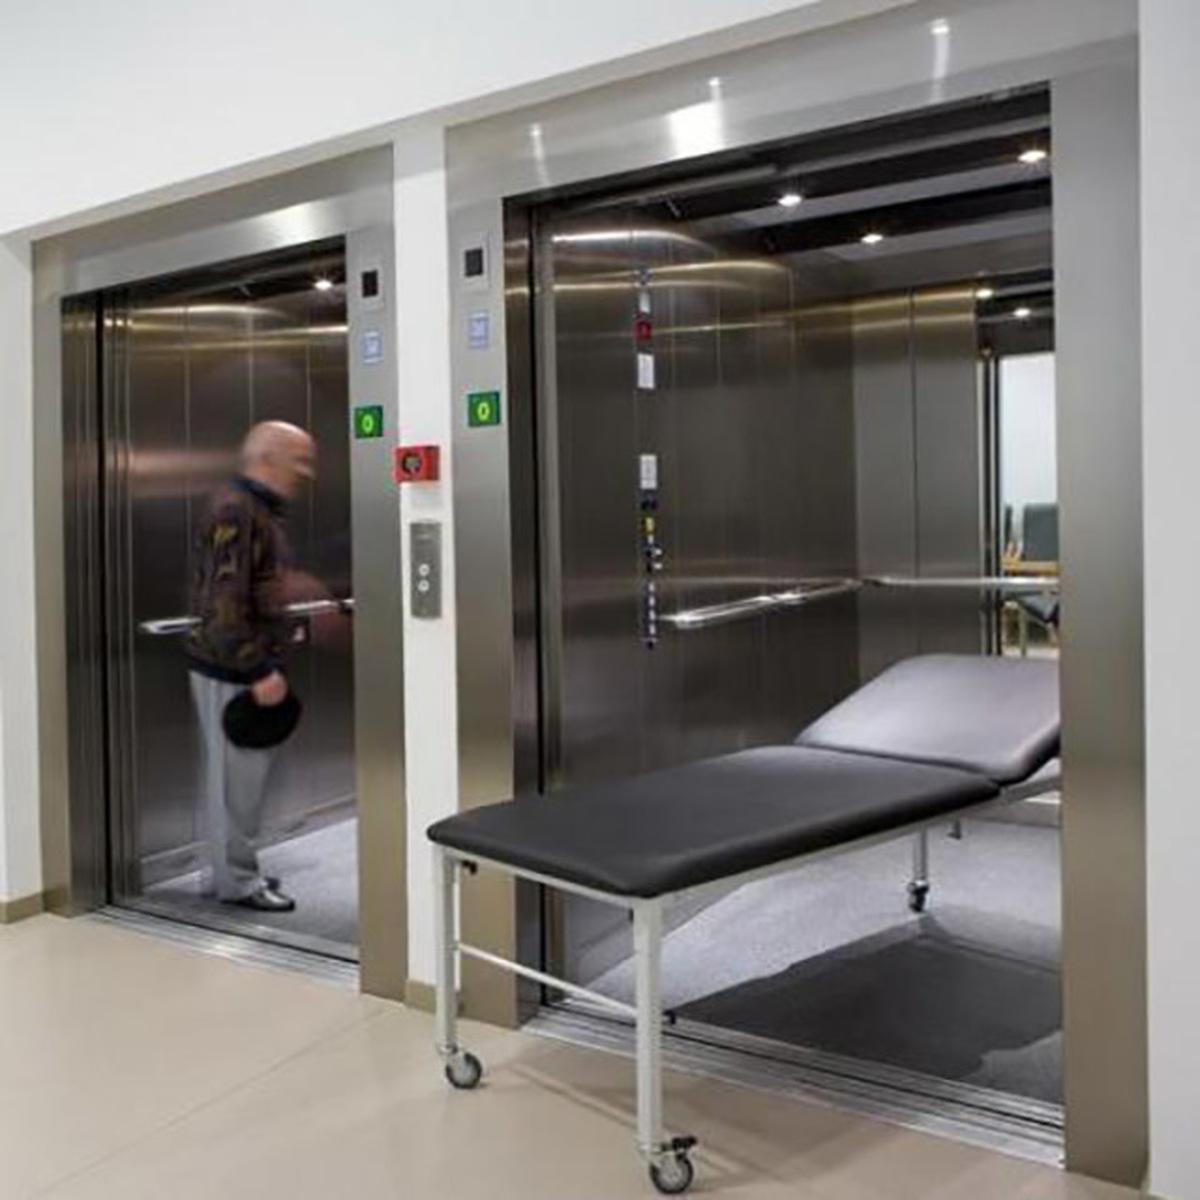 تنها 20 درصد آسانسور مراکز درمانی استاندارد میباشند